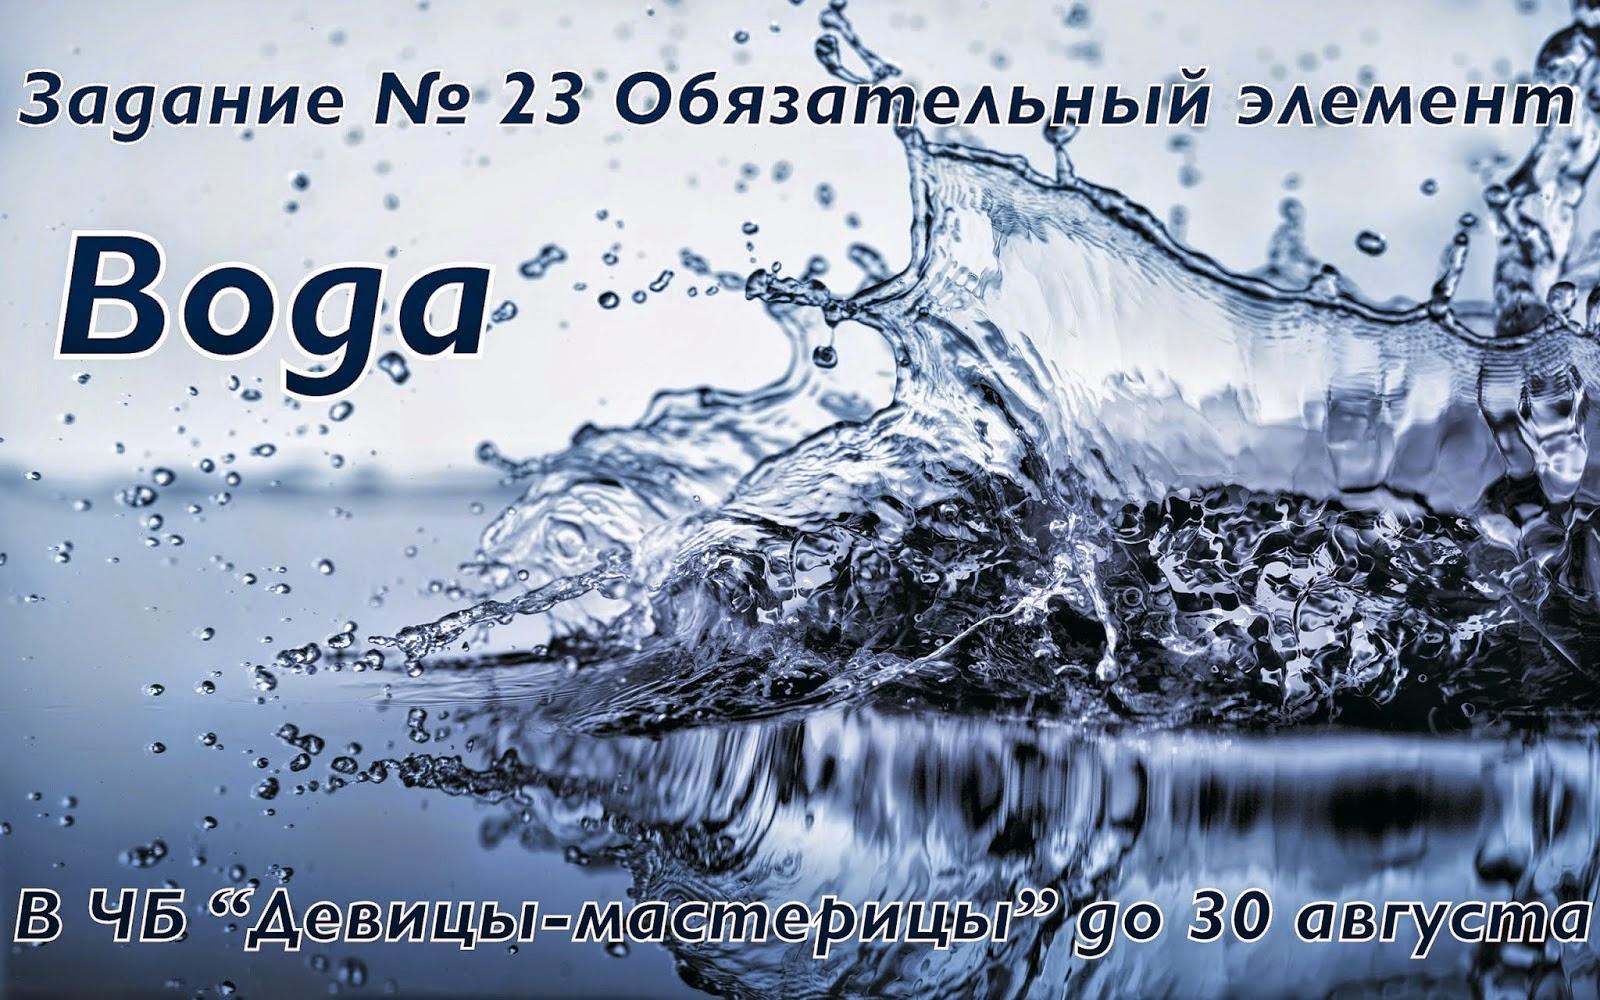 http://devici-masterici.blogspot.ru/2014/08/23.html